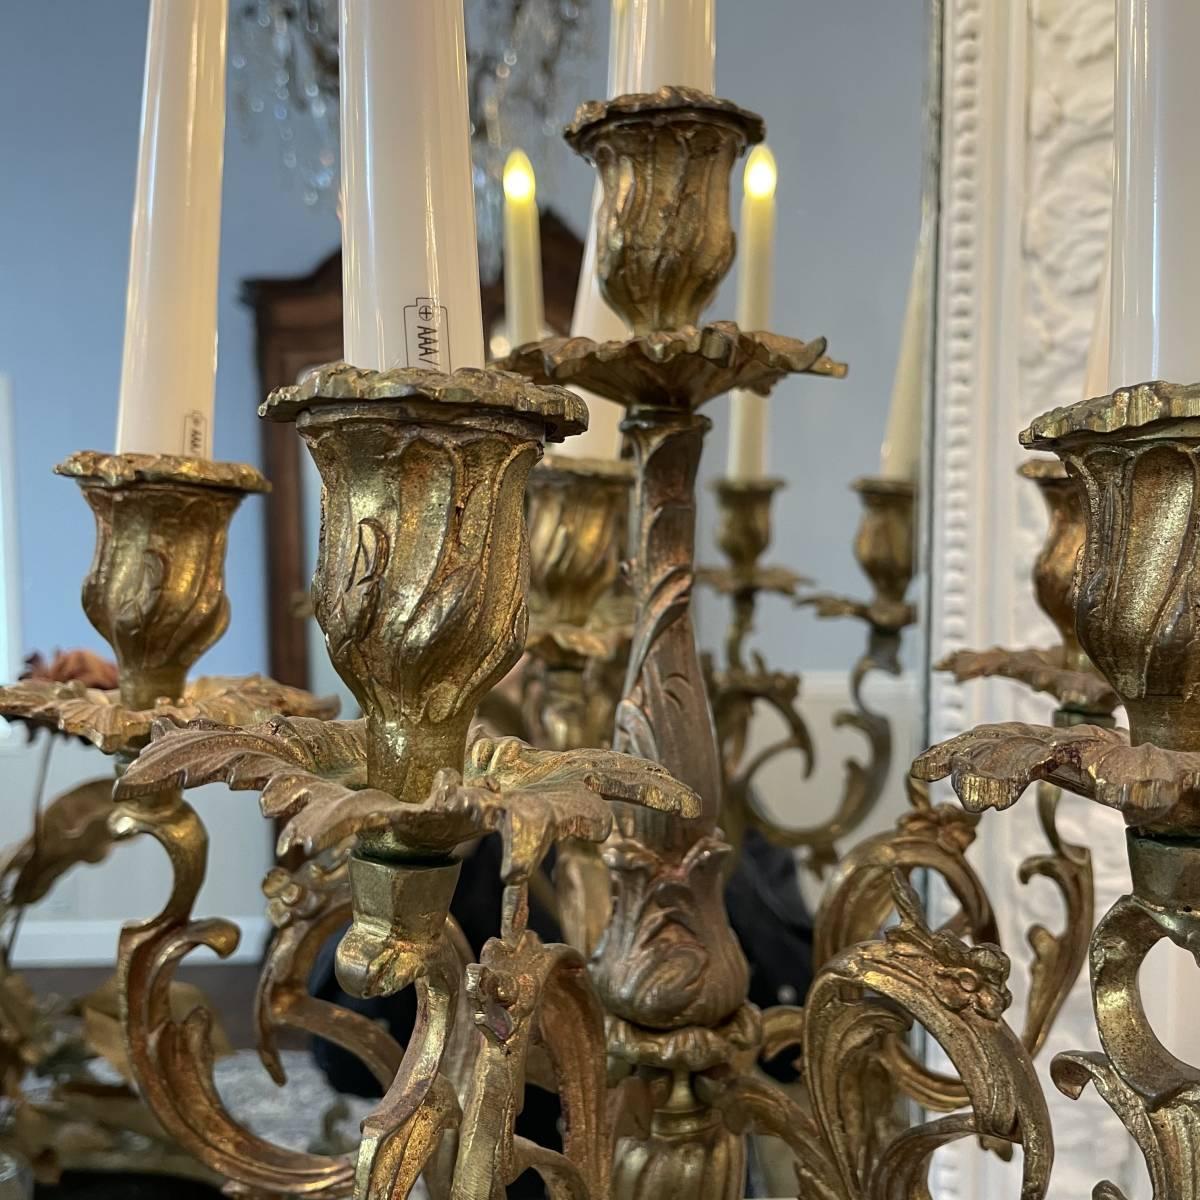 フランスアンティーク キャンドルスタンド ペア ルイ15世様式 ロココ アンティーク シャンデリア 蝋台 大型 セット_画像8